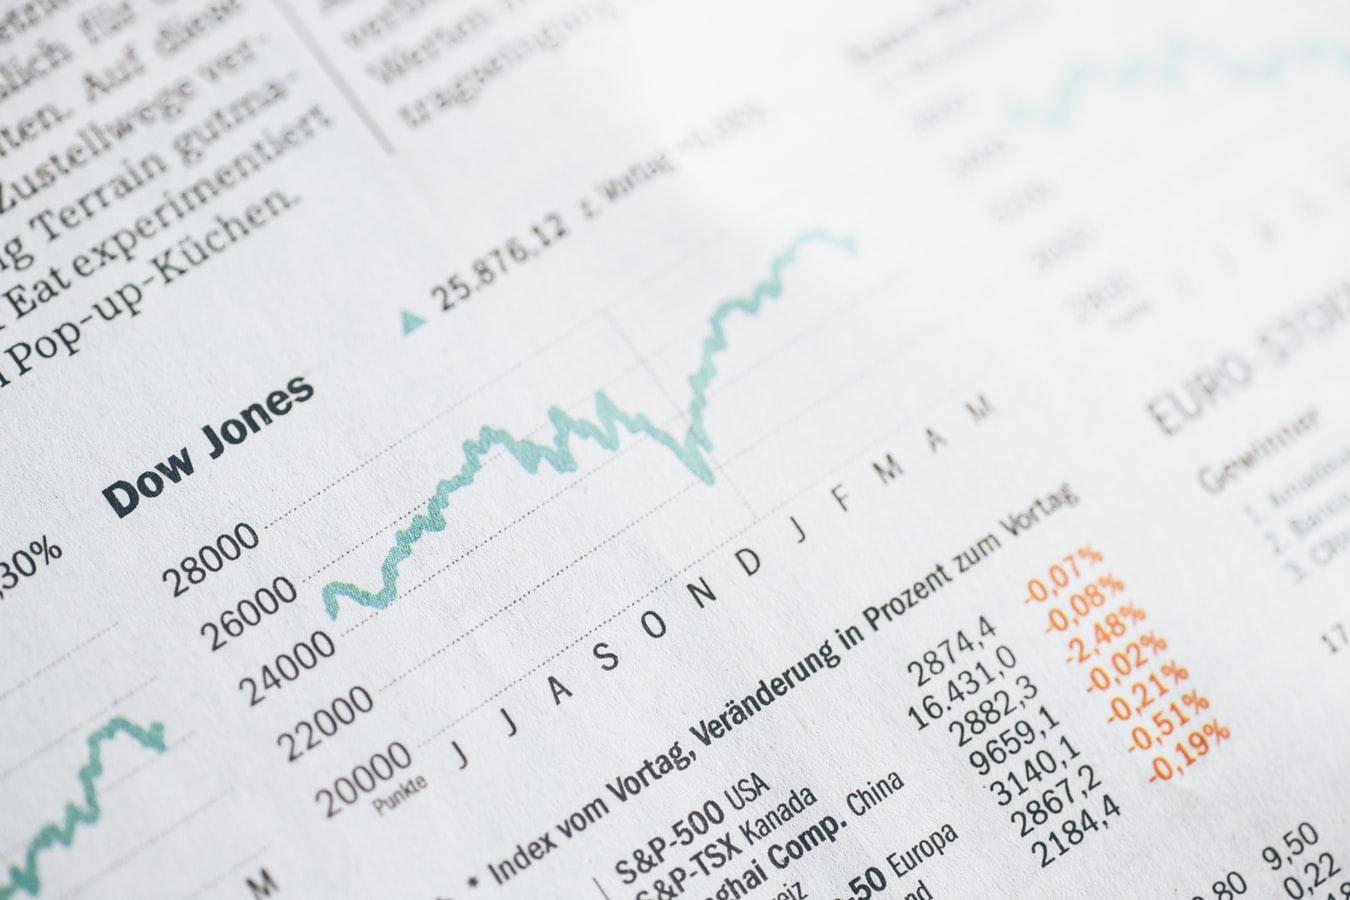 Ako si vybrať investíciu - Markus Spiske grafy